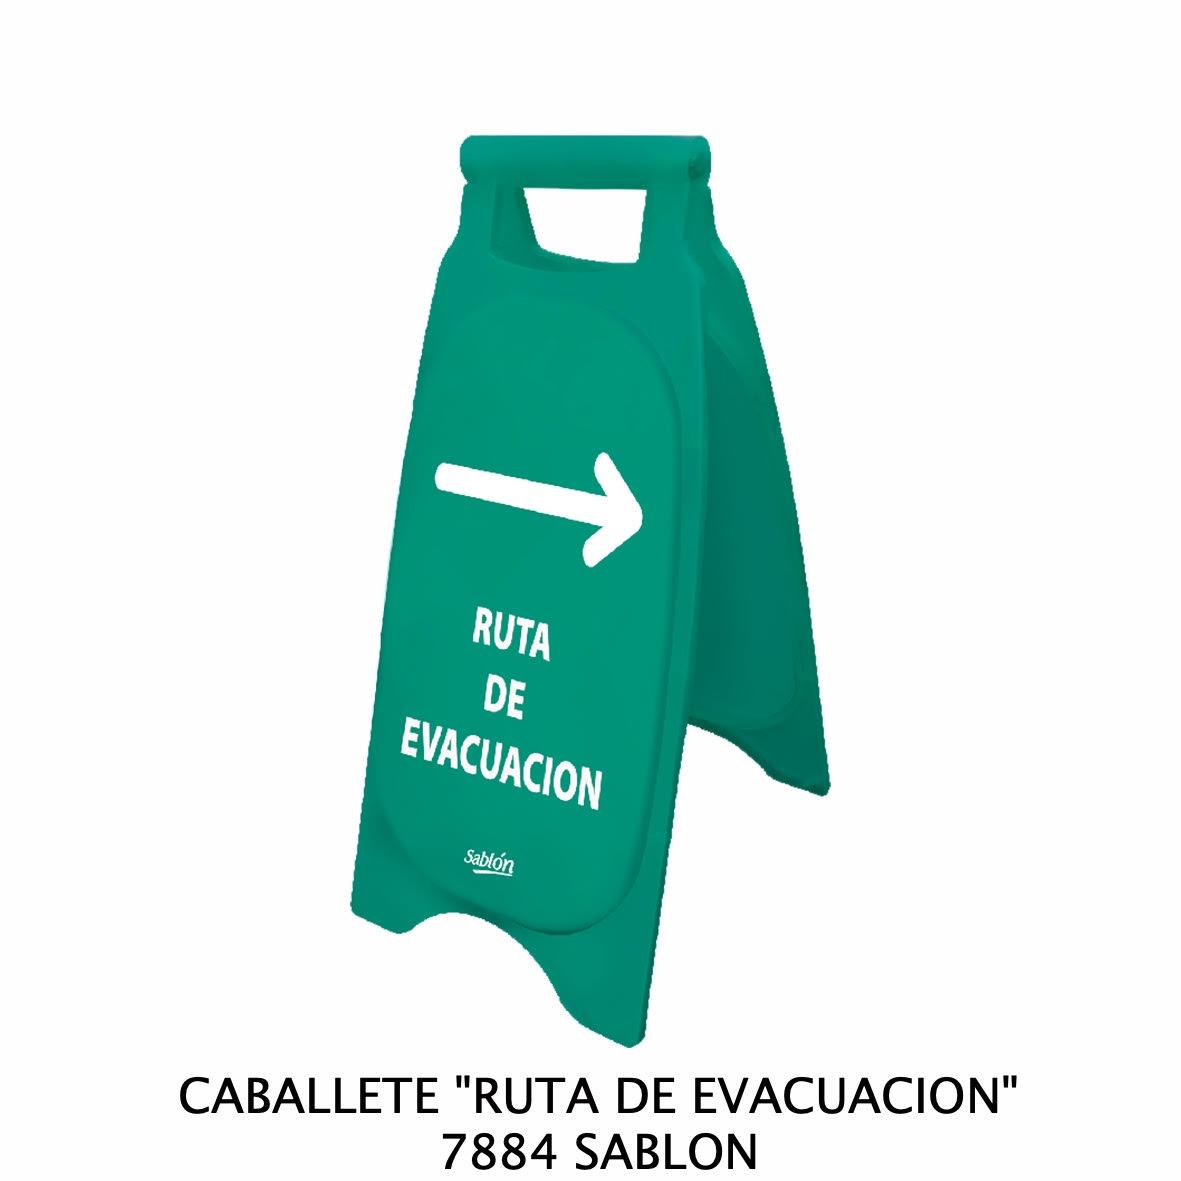 Caballete con señal RUTA DE EVACUACIÓN Clave 7884 de Sablón